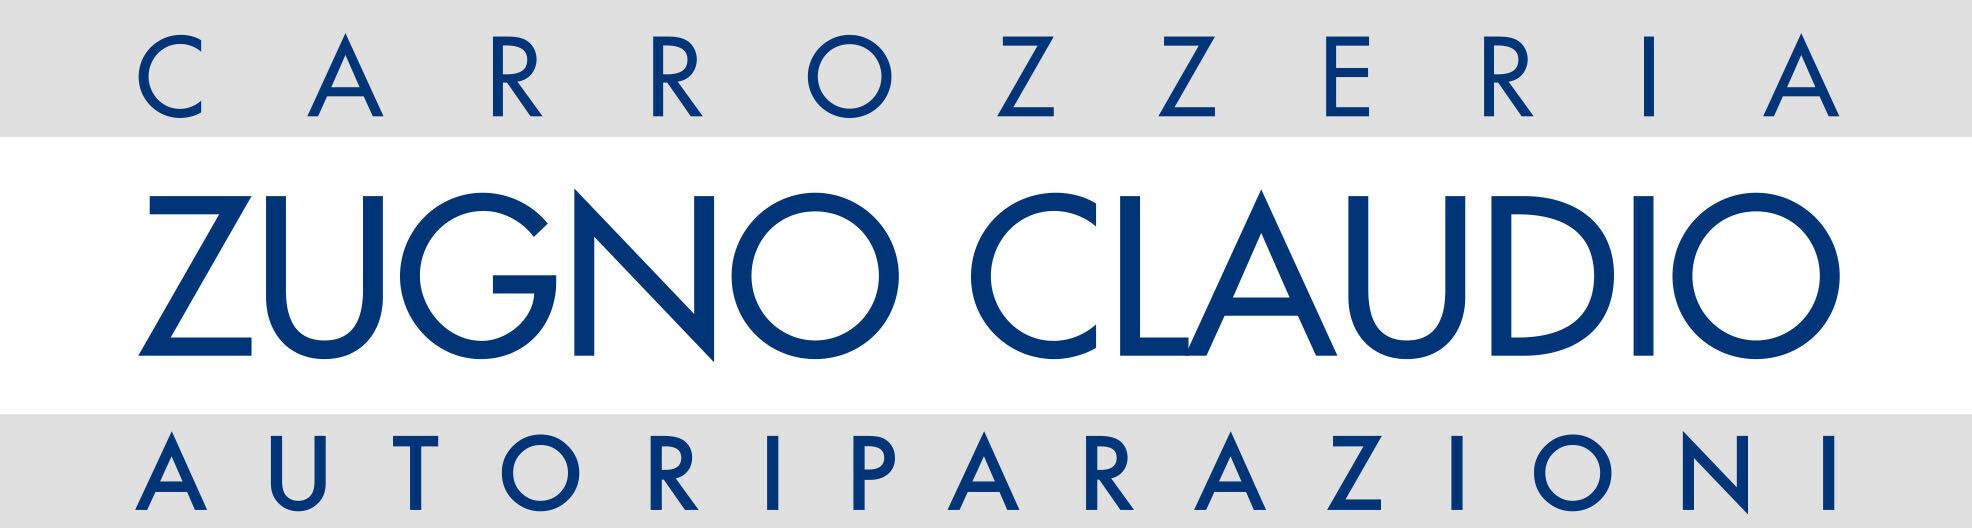 Carrozzeria Zugno Claudio Autoriparazioni